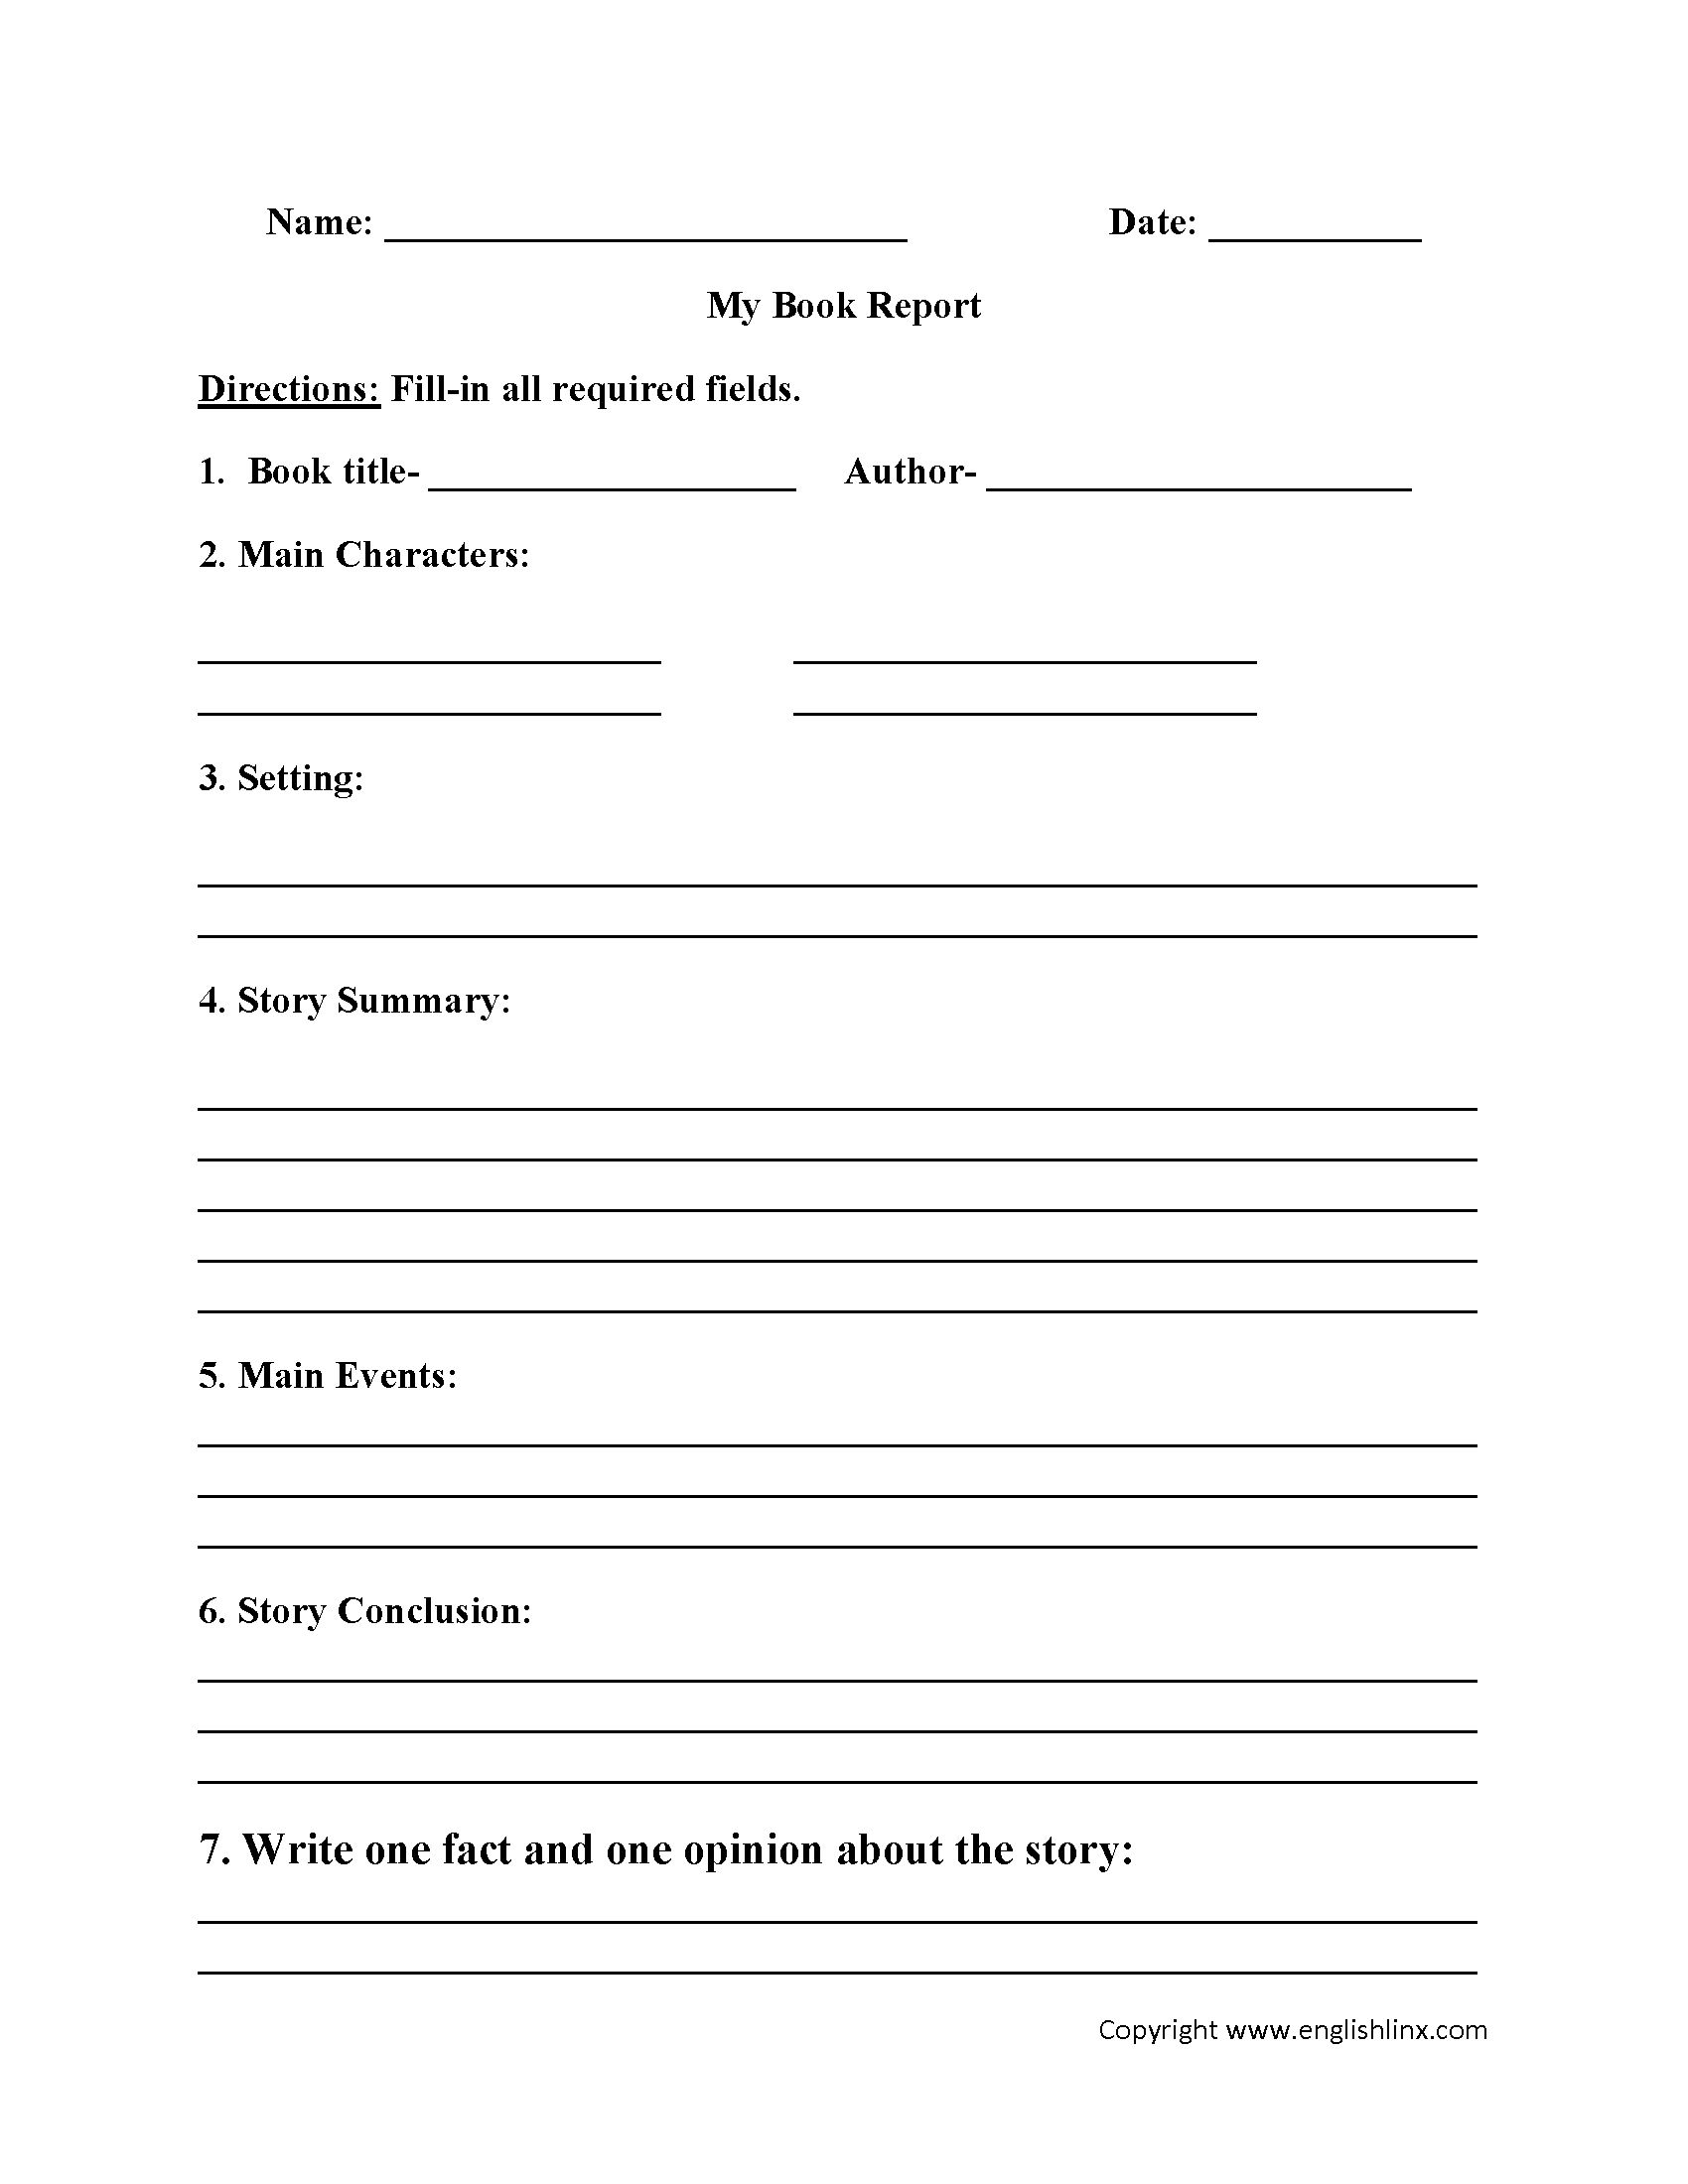 My Book Report Worksheet